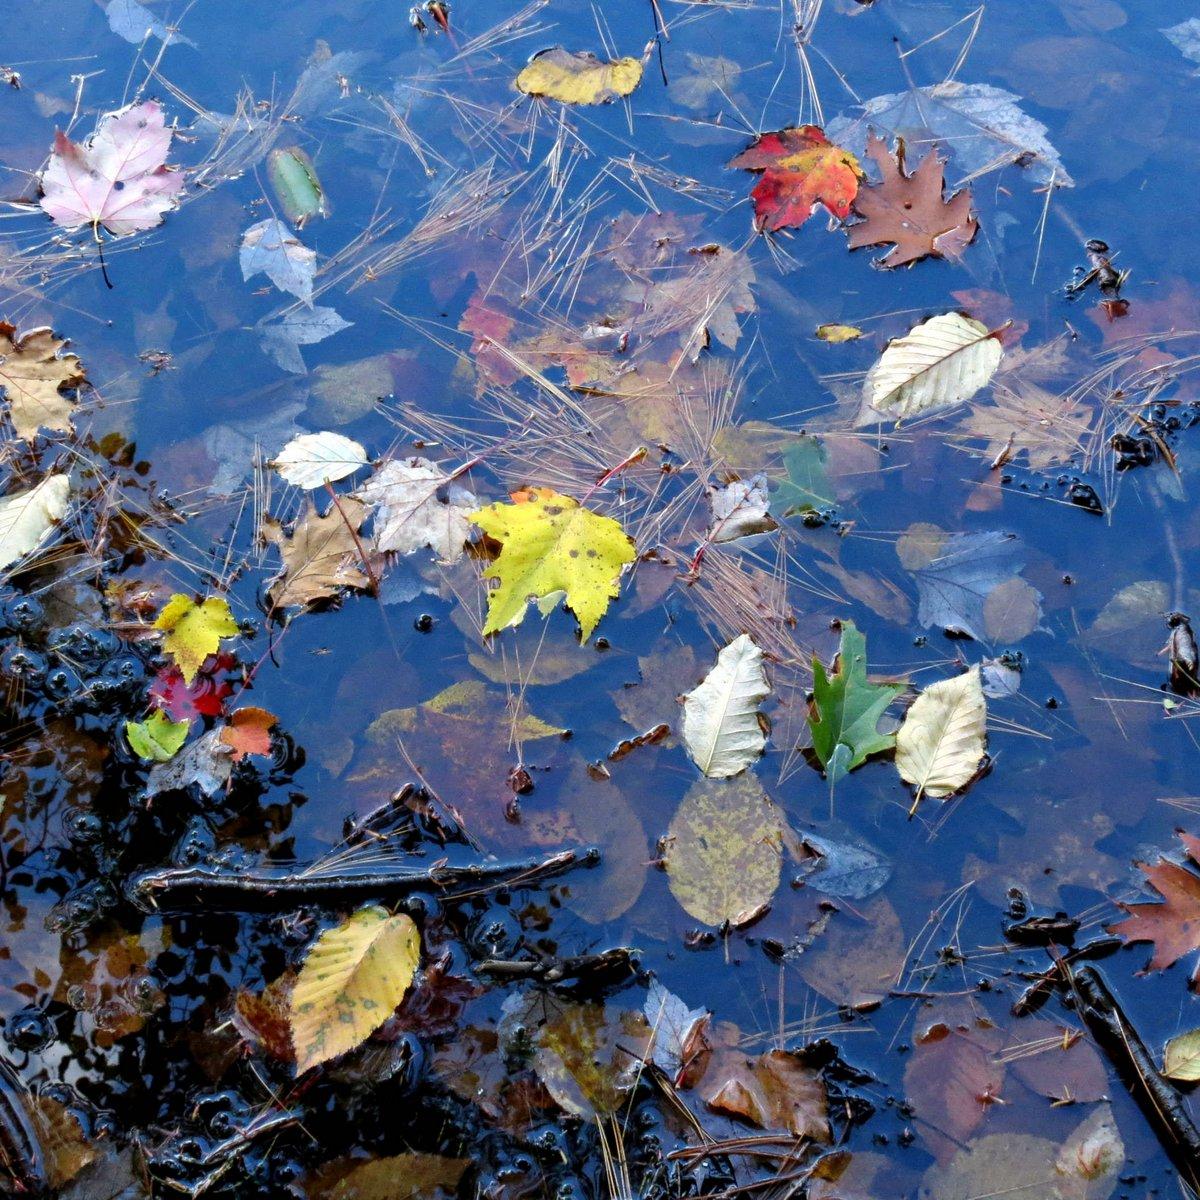 13. Leaves on Water